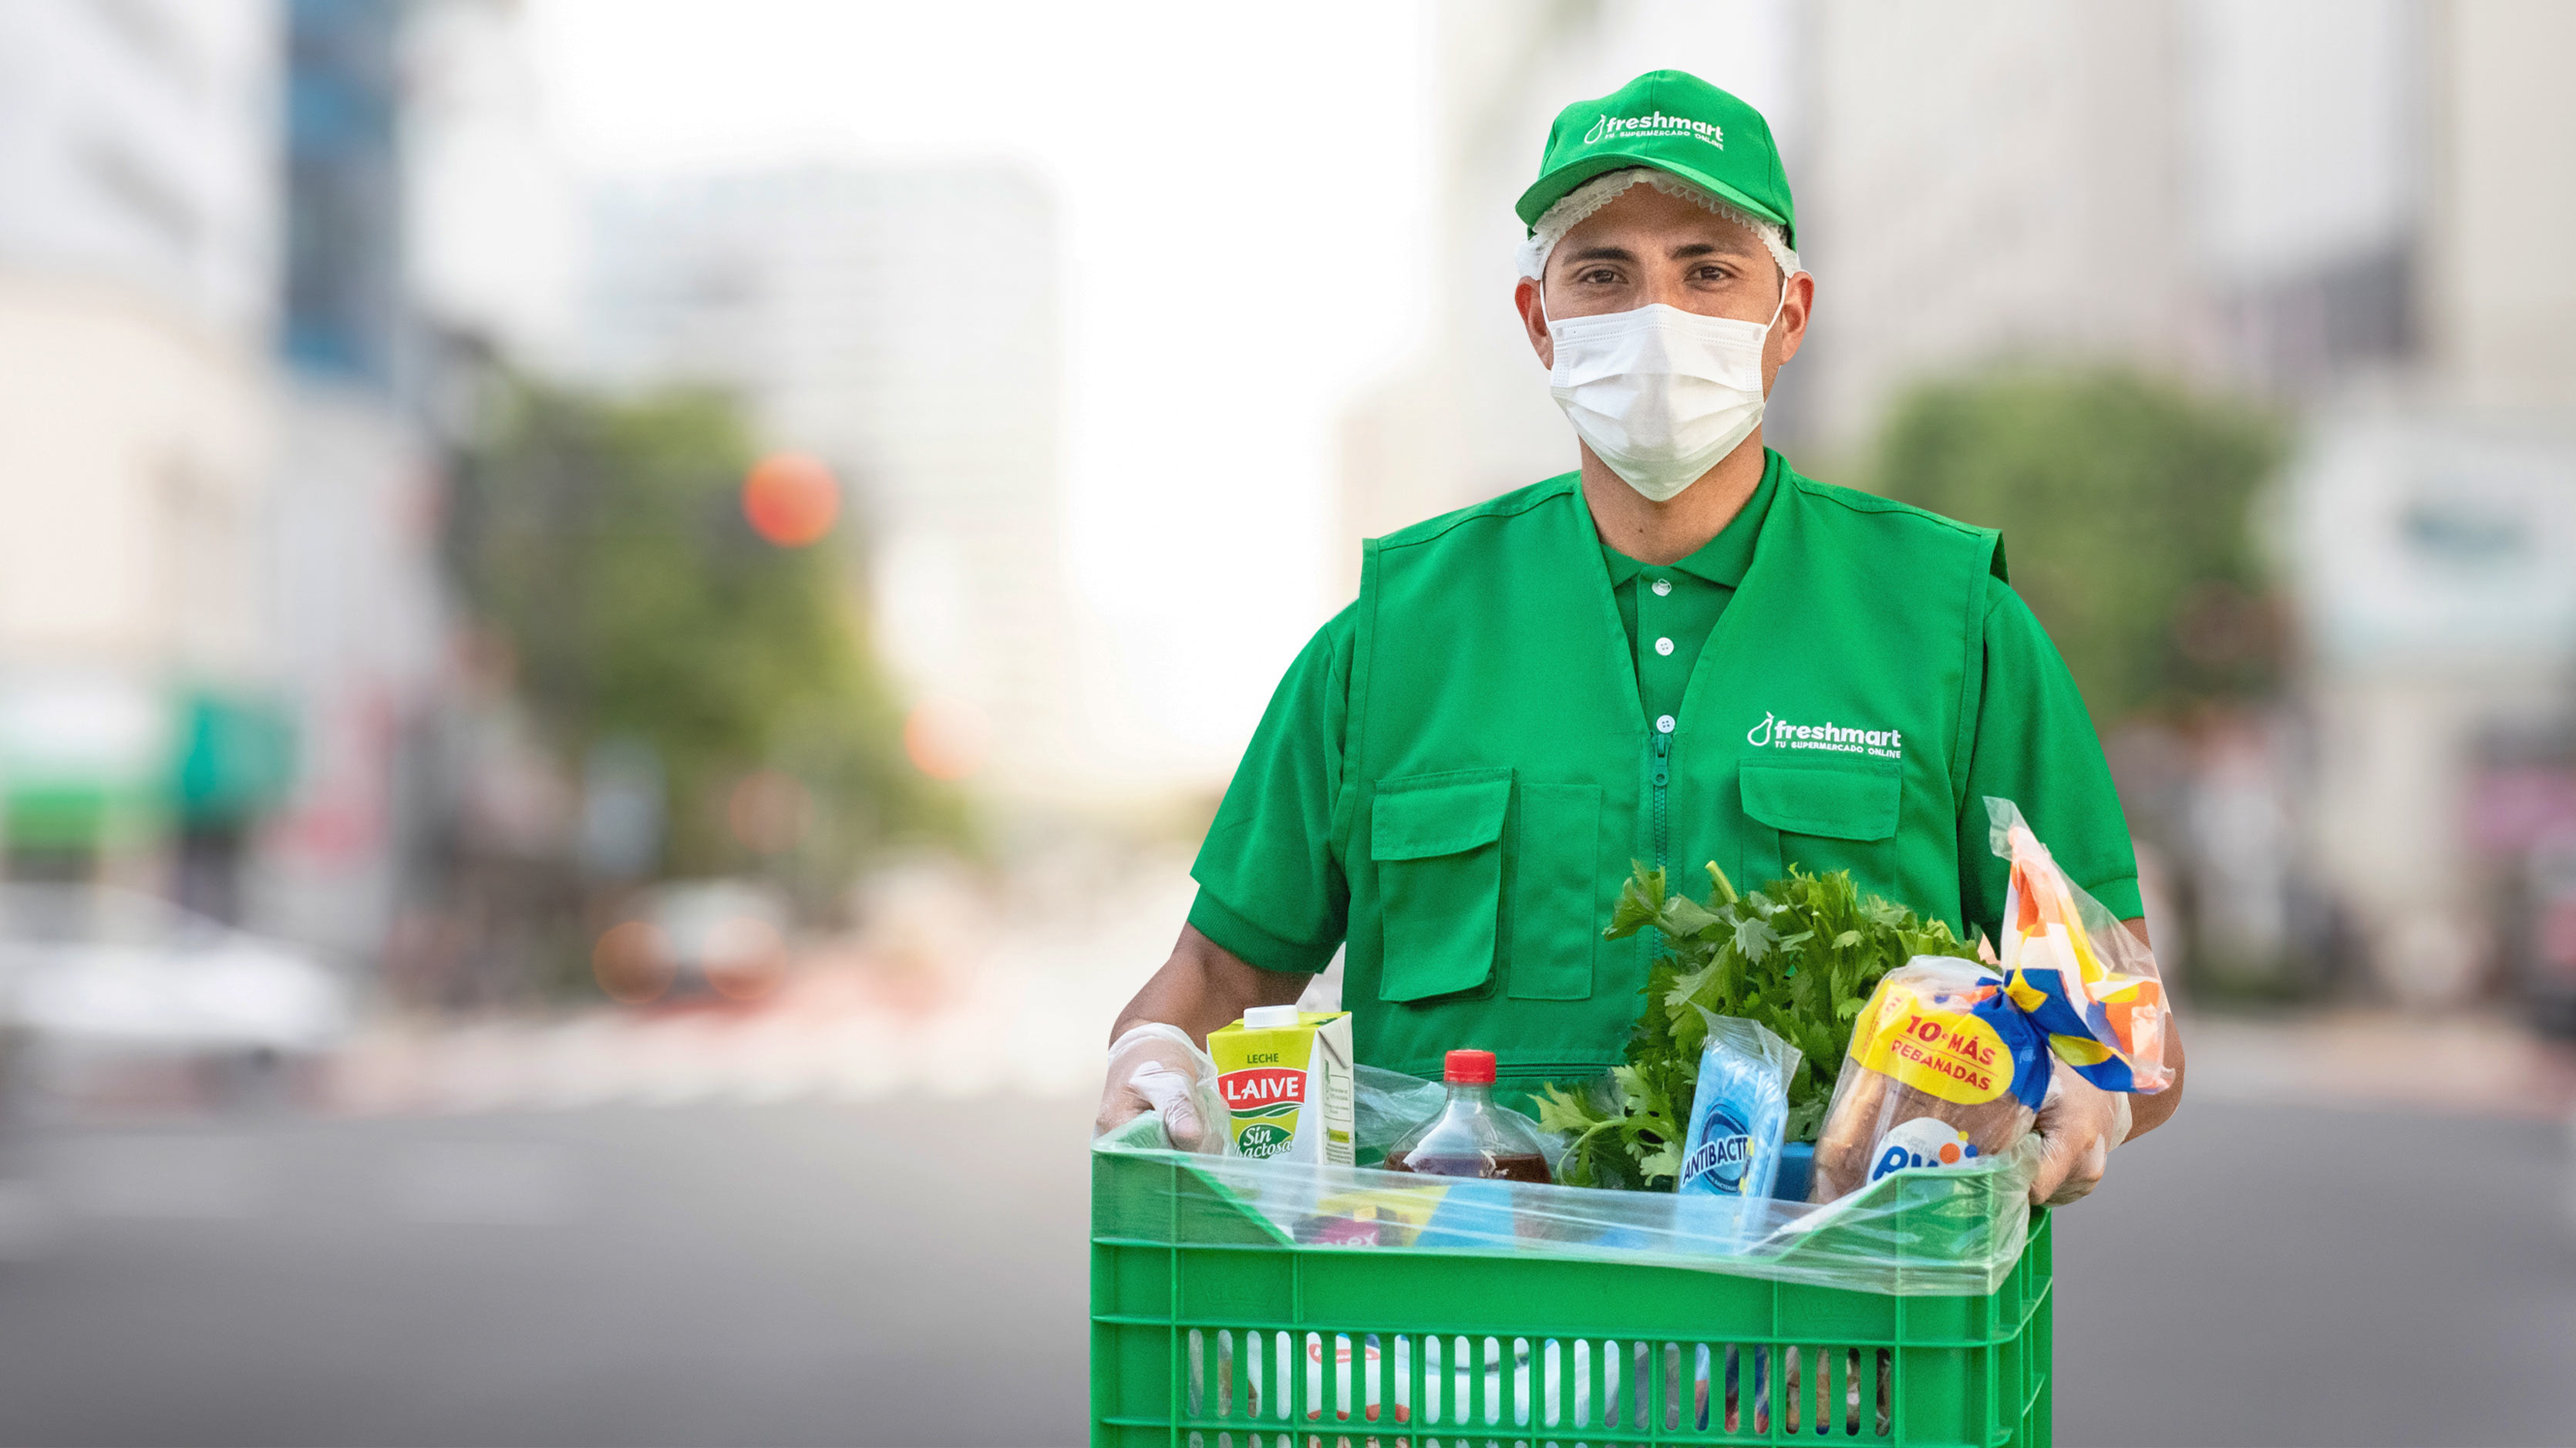 """Foco en Freshmart.pe, supermercado digital que tuvo un """"crecimiento explosivo"""" en pandemia"""